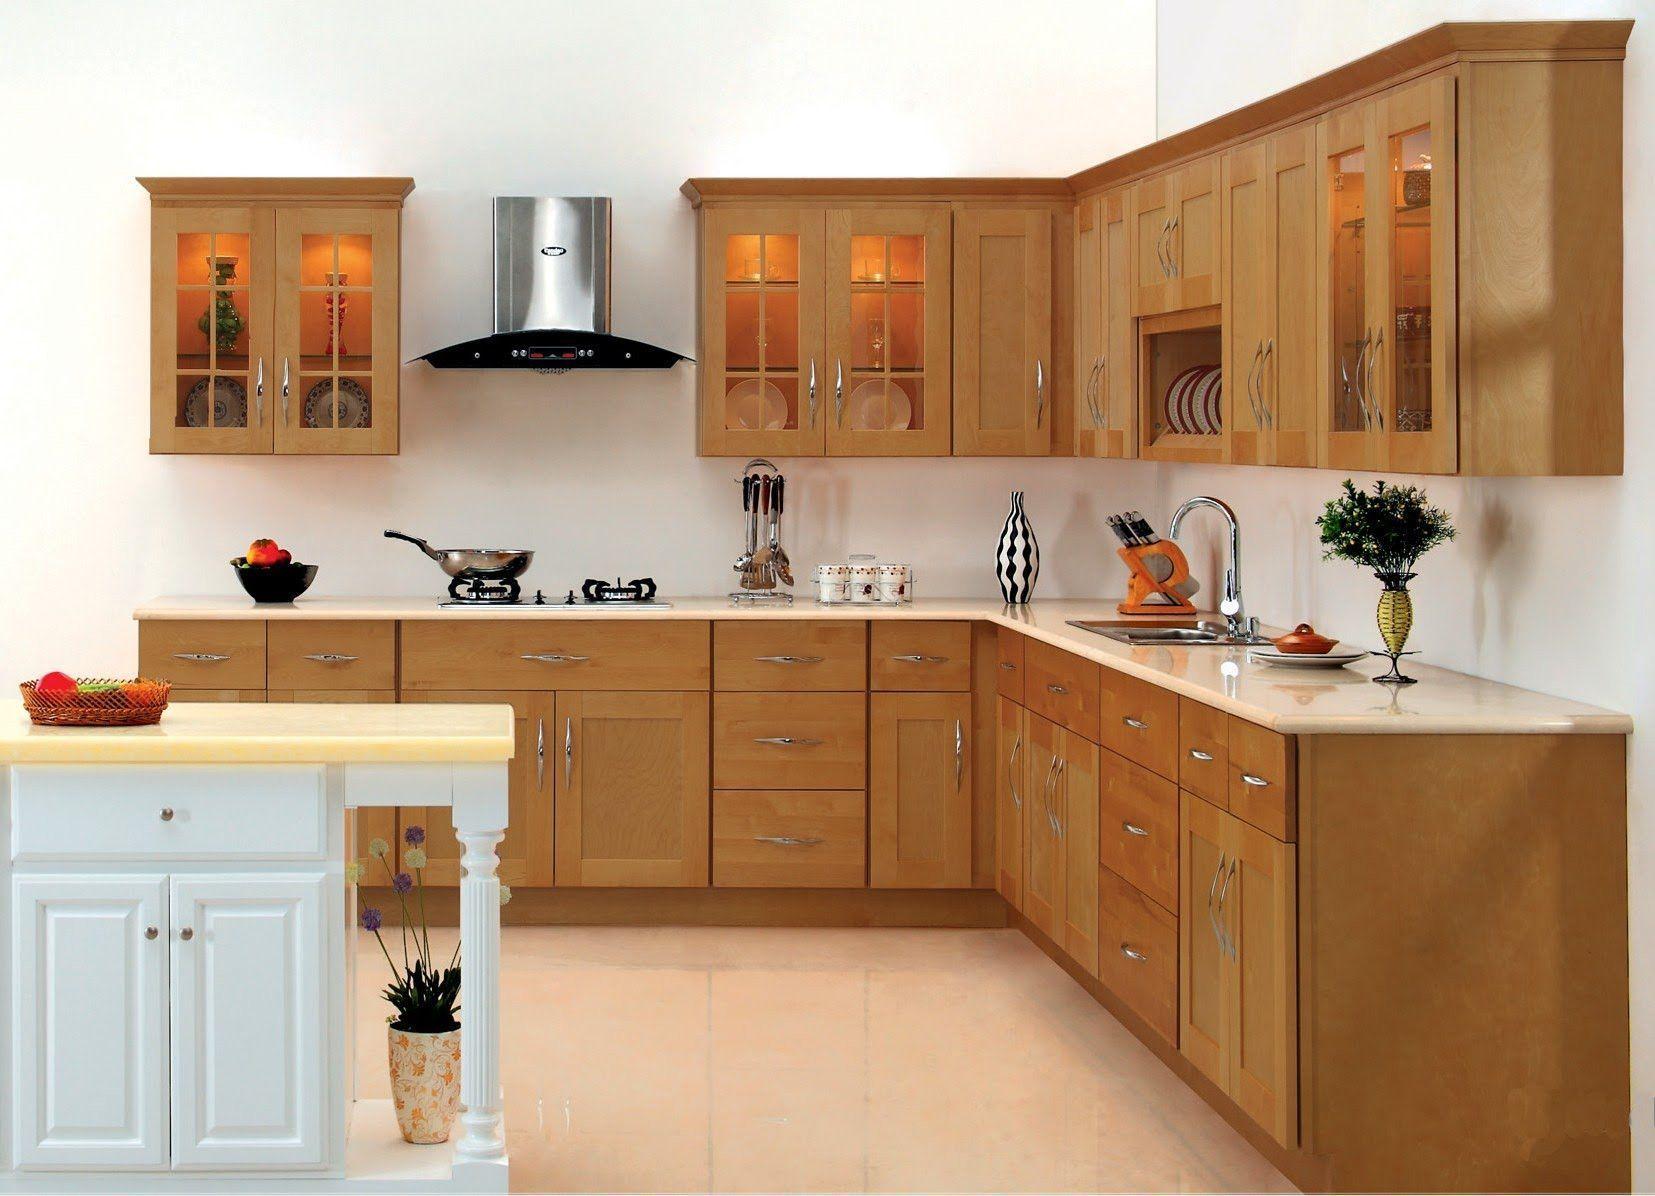 Kitchendesign Simple Kitchen Design Traditional Kitchen Design